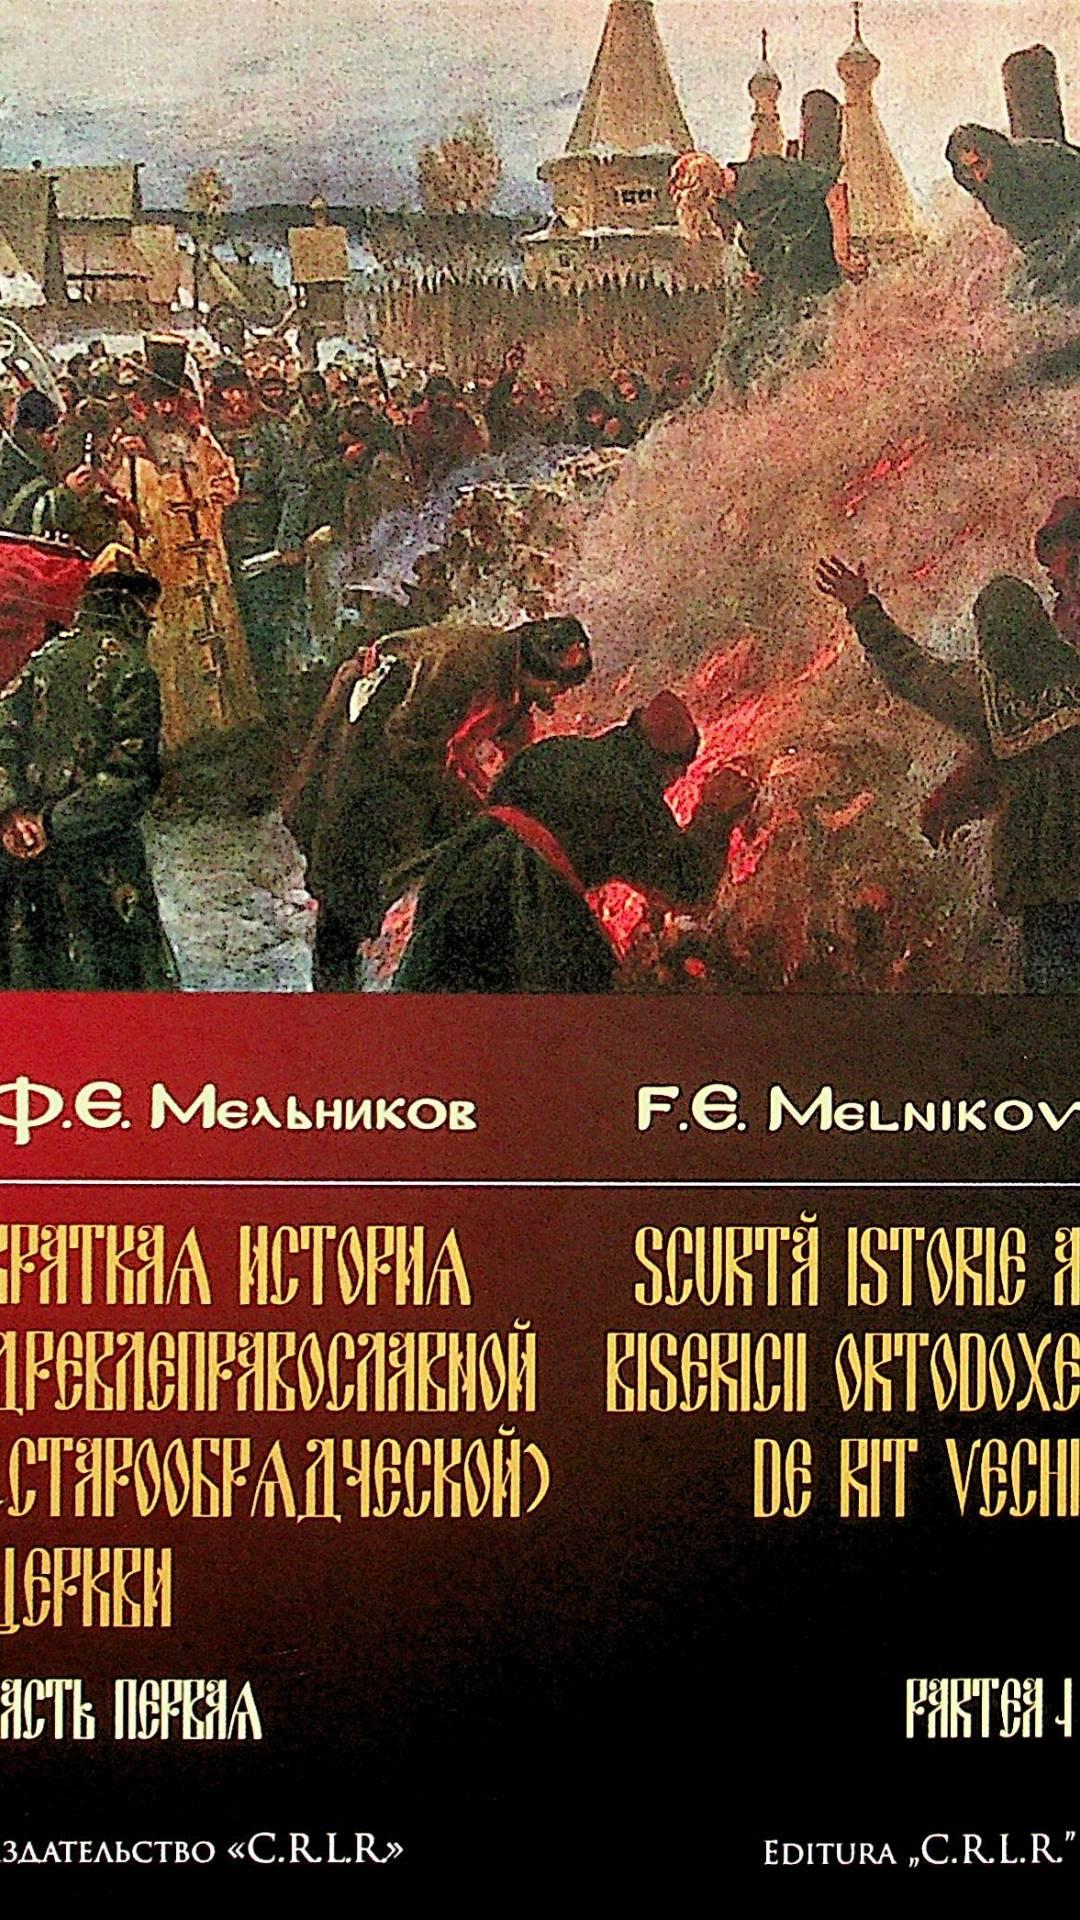 Scurtă istorie a Bisericii Ortodoxe de Rit Vechi. Partea I. Schisma în Biserica Rusă